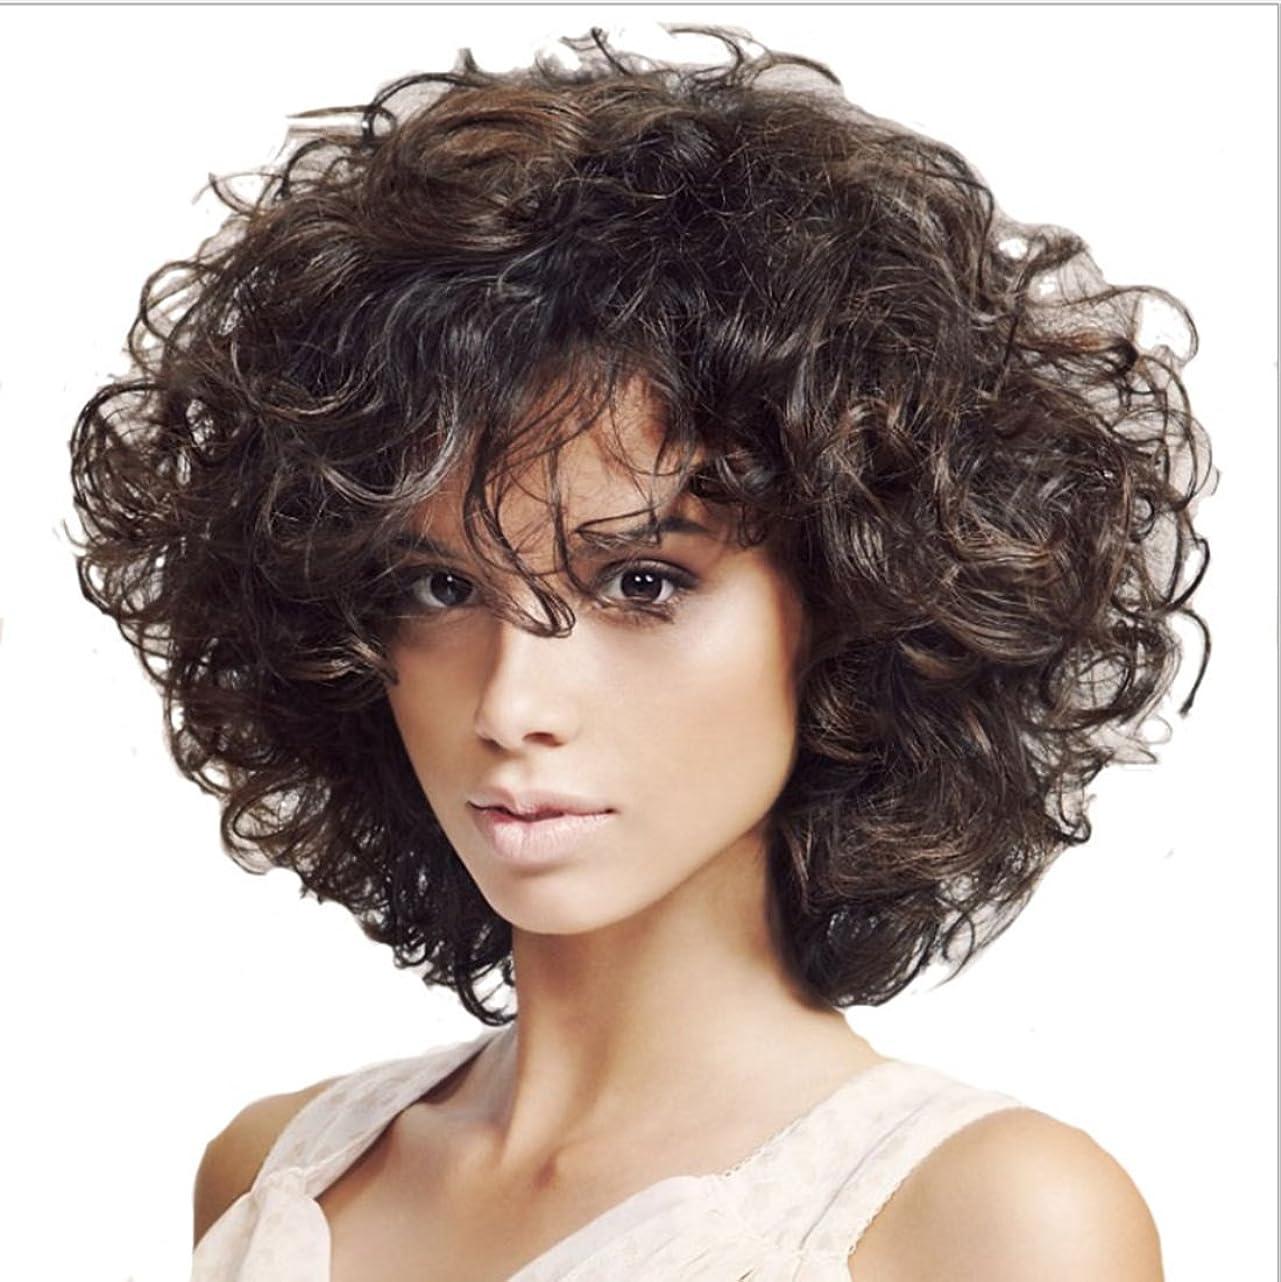 ファックス経営者格差Doyvanntgo 女性のための13inch高温のかつら部分的なバグのウィッグの短い縮毛髪耐熱性のためのふわふわした小さいウィッグ(ダークブラウン) (Color : Dark brown)